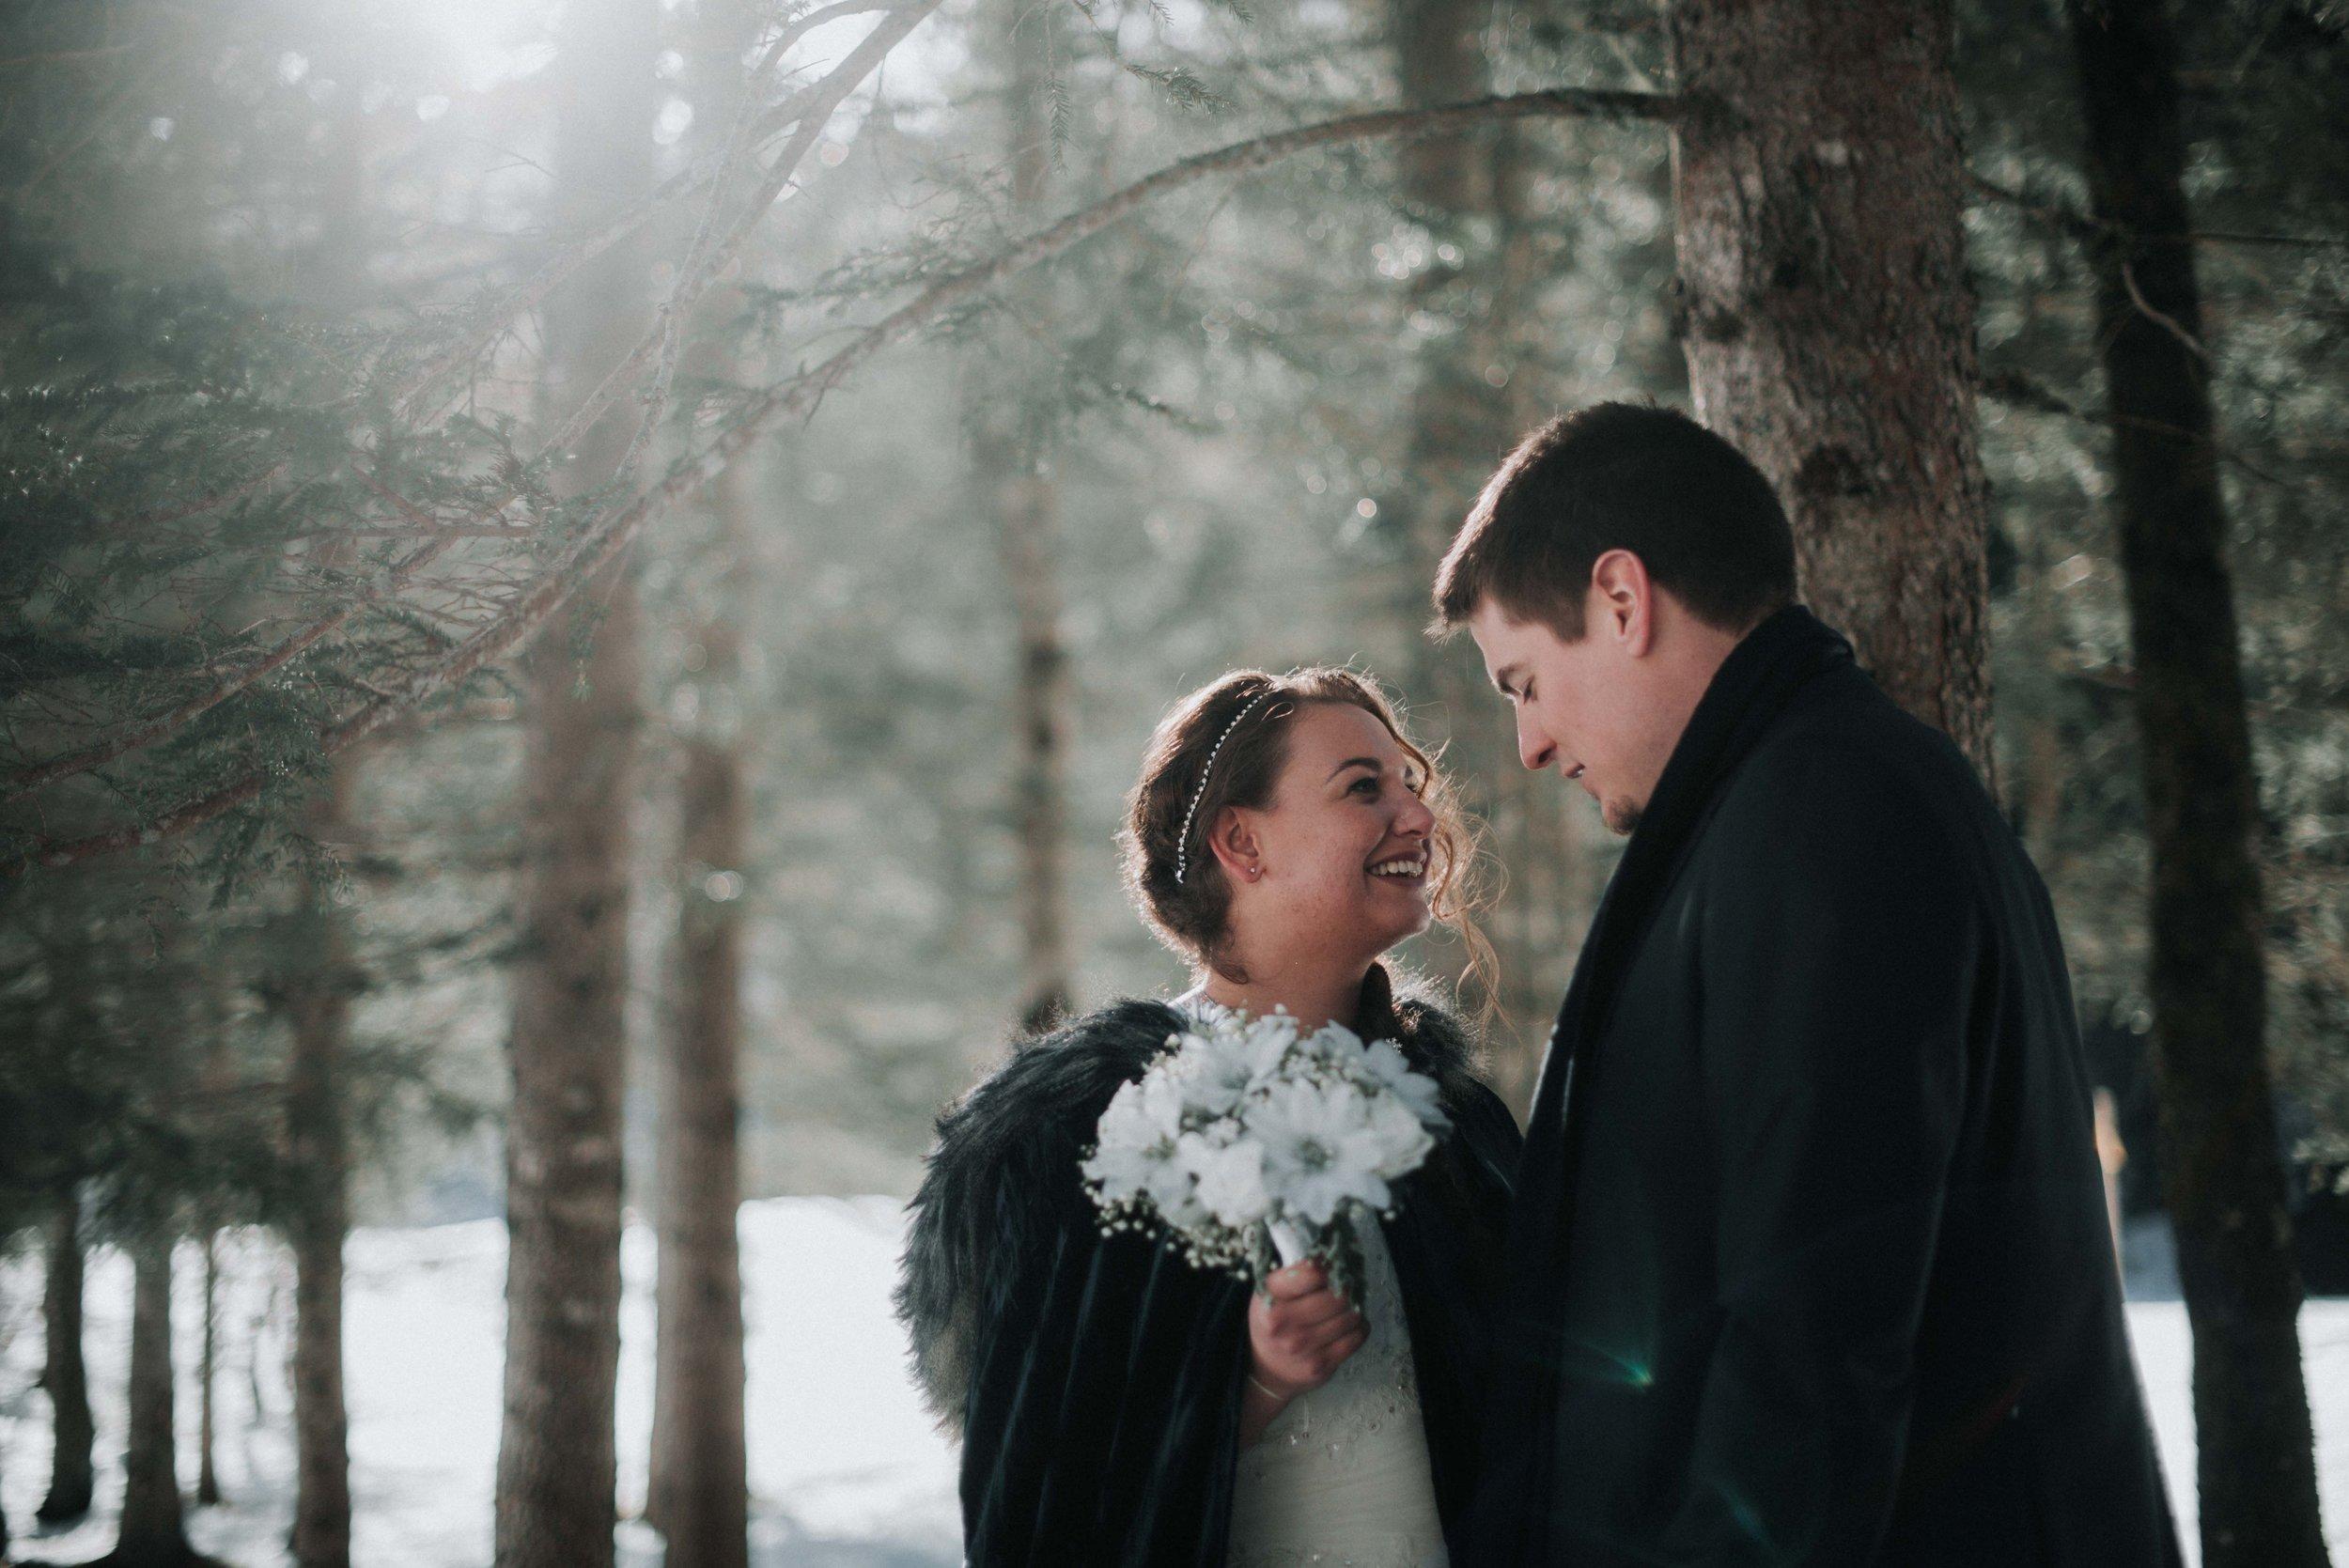 Léa-Fery-photographe-professionnel-lyon-rhone-alpes-portrait-mariage-couple-amour-lovesession-engagement-elopment-2572.jpg